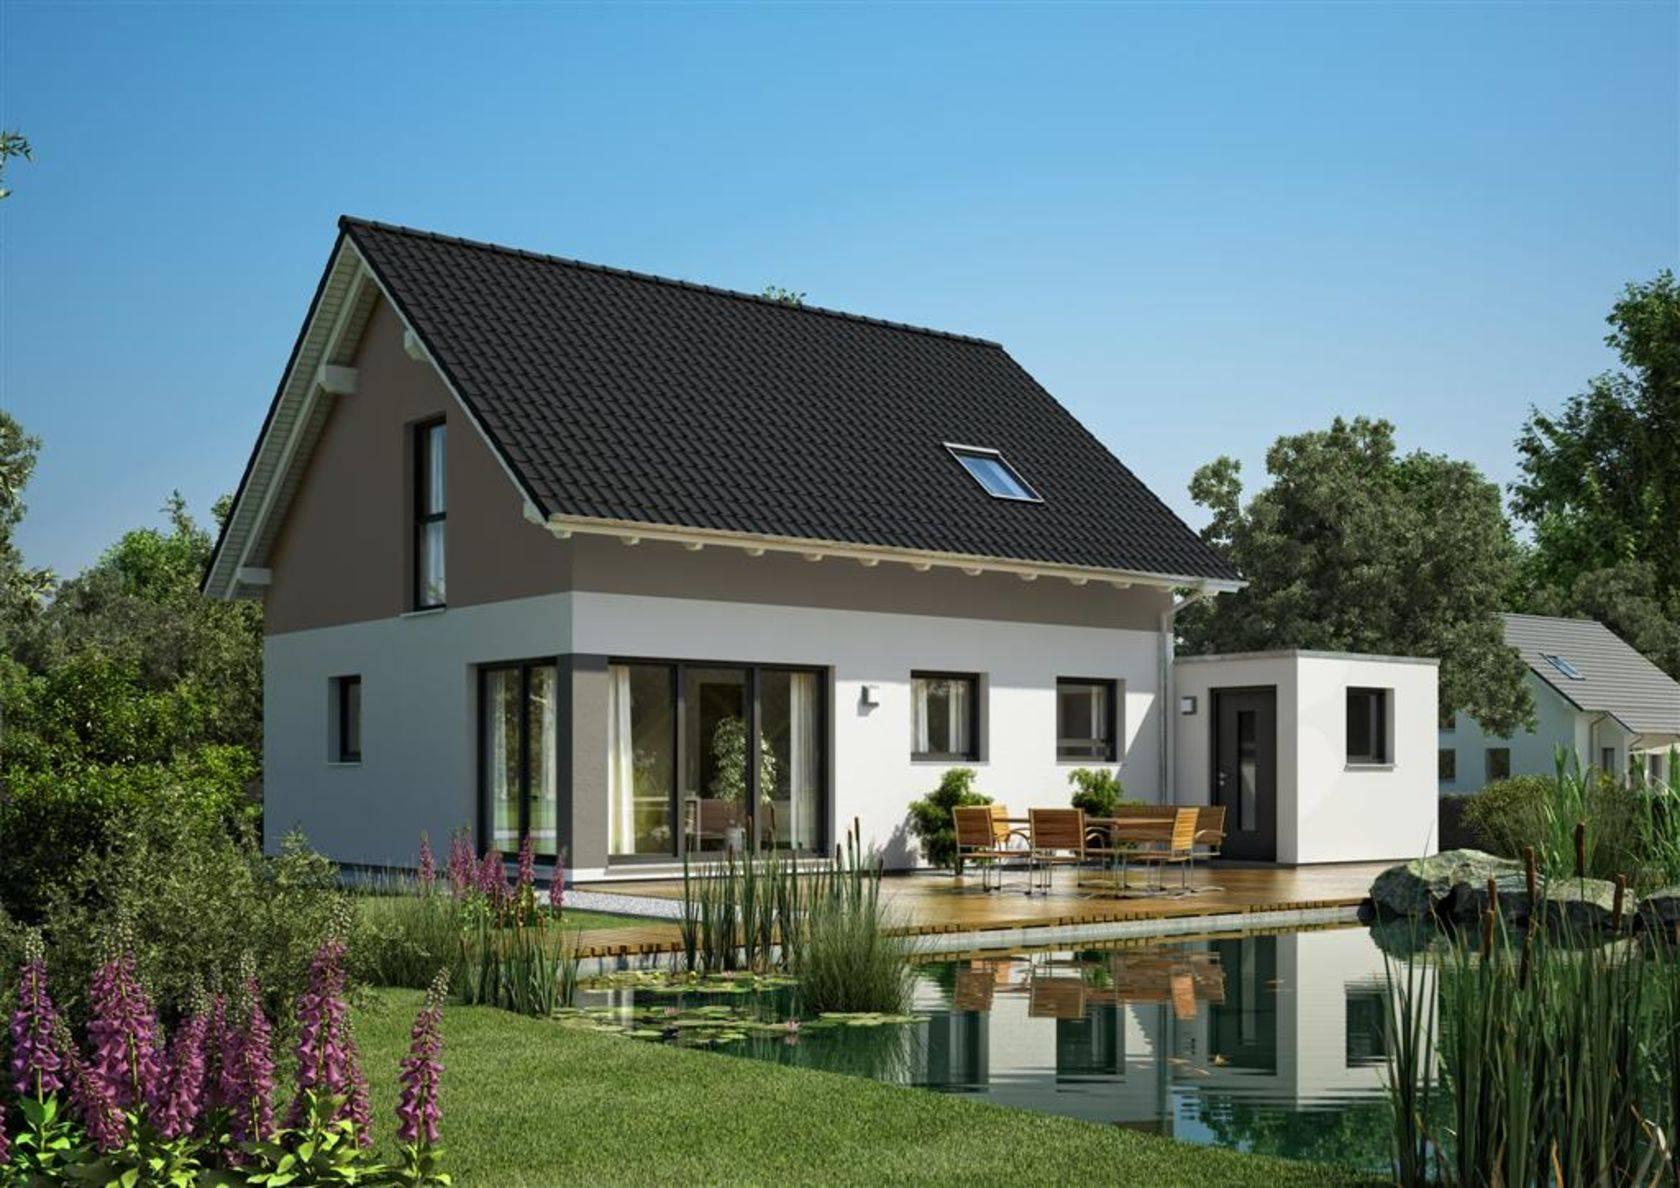 Инвестиции в недвижимость в германии: 5 советов эксперта